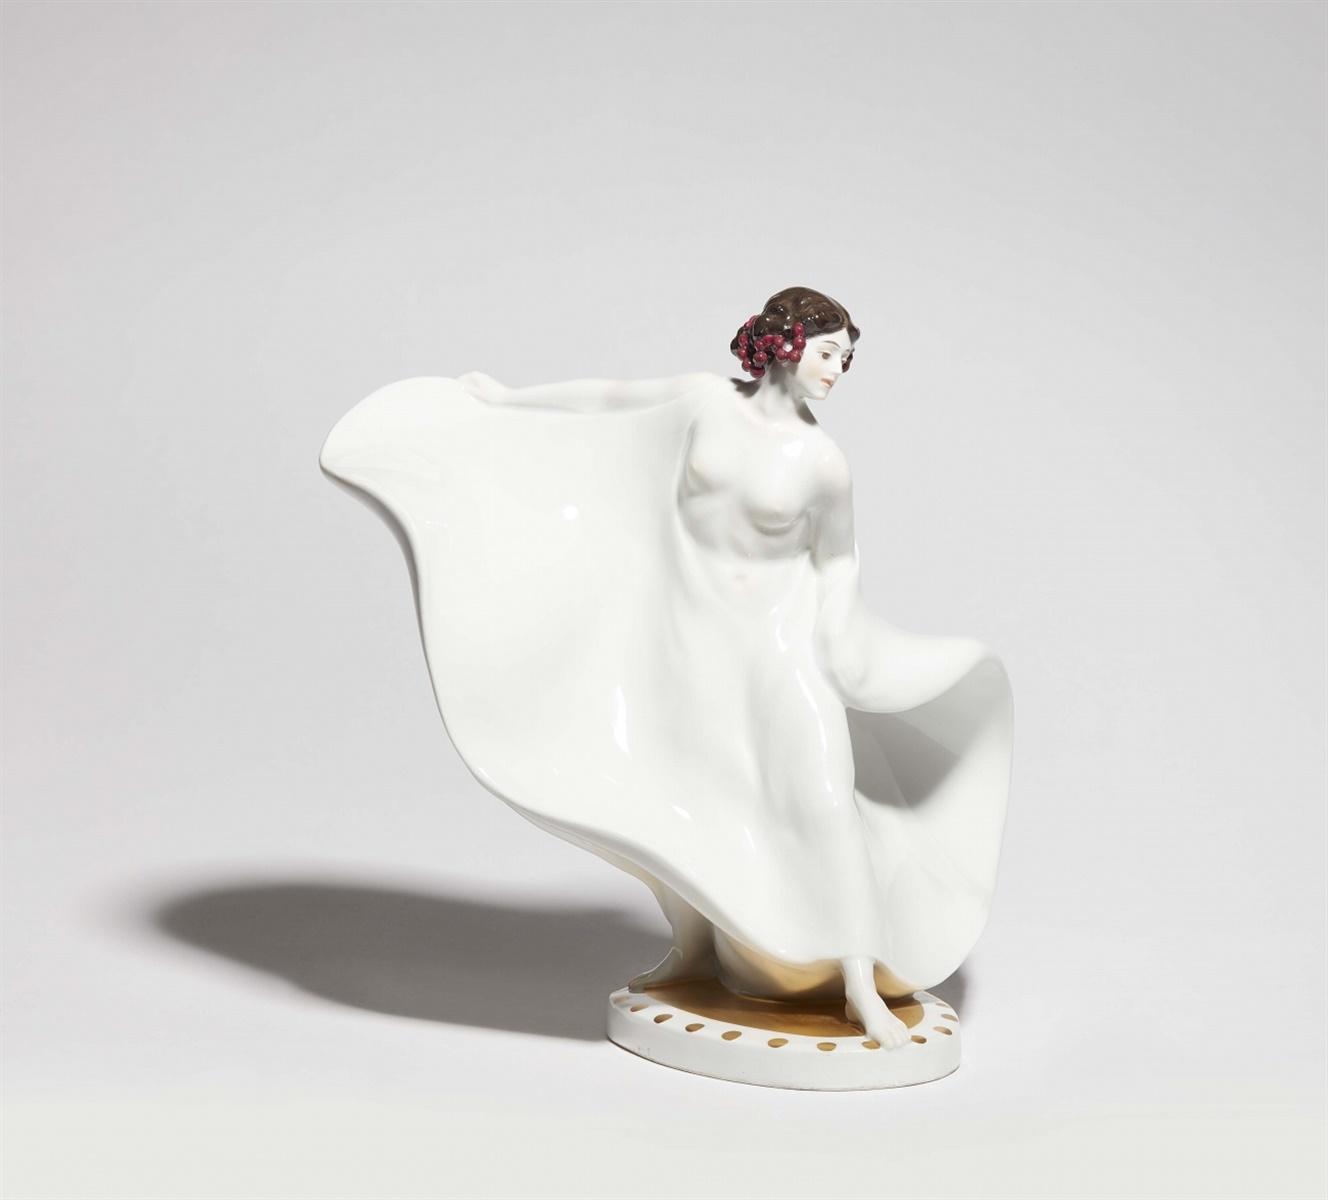 Seltene Figur der Tänzerin Loie FullerPorzellan, farbiger Unter- und Aufglasurdekor, Vergoldung. - Bild 2 aus 2